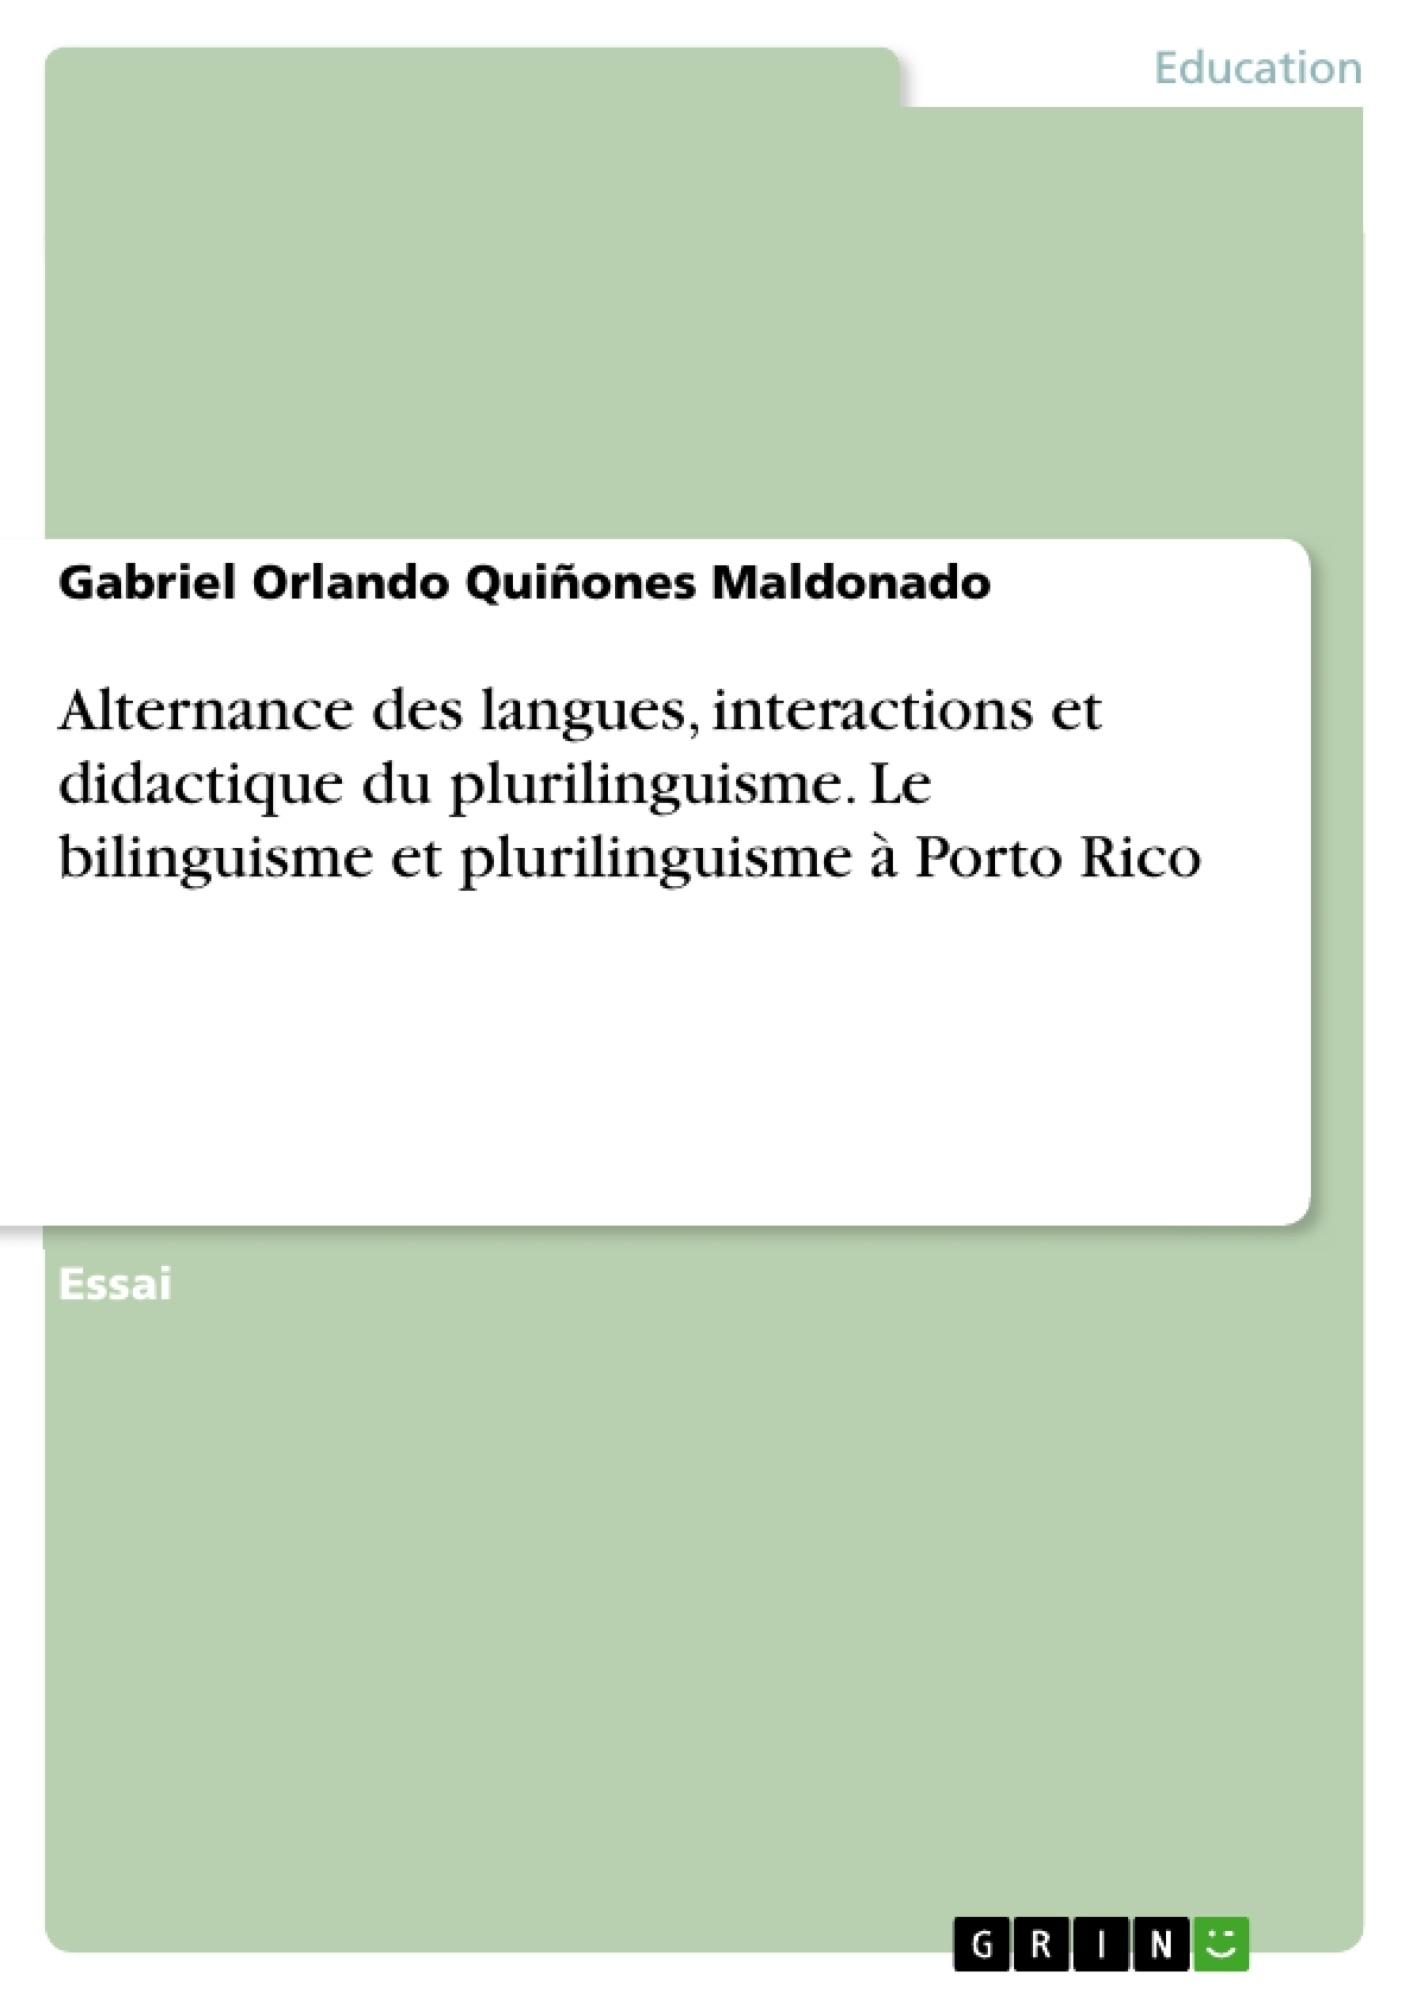 Titre: Alternance des langues, interactions et didactique du plurilinguisme. Le bilinguisme et plurilinguisme à Porto Rico